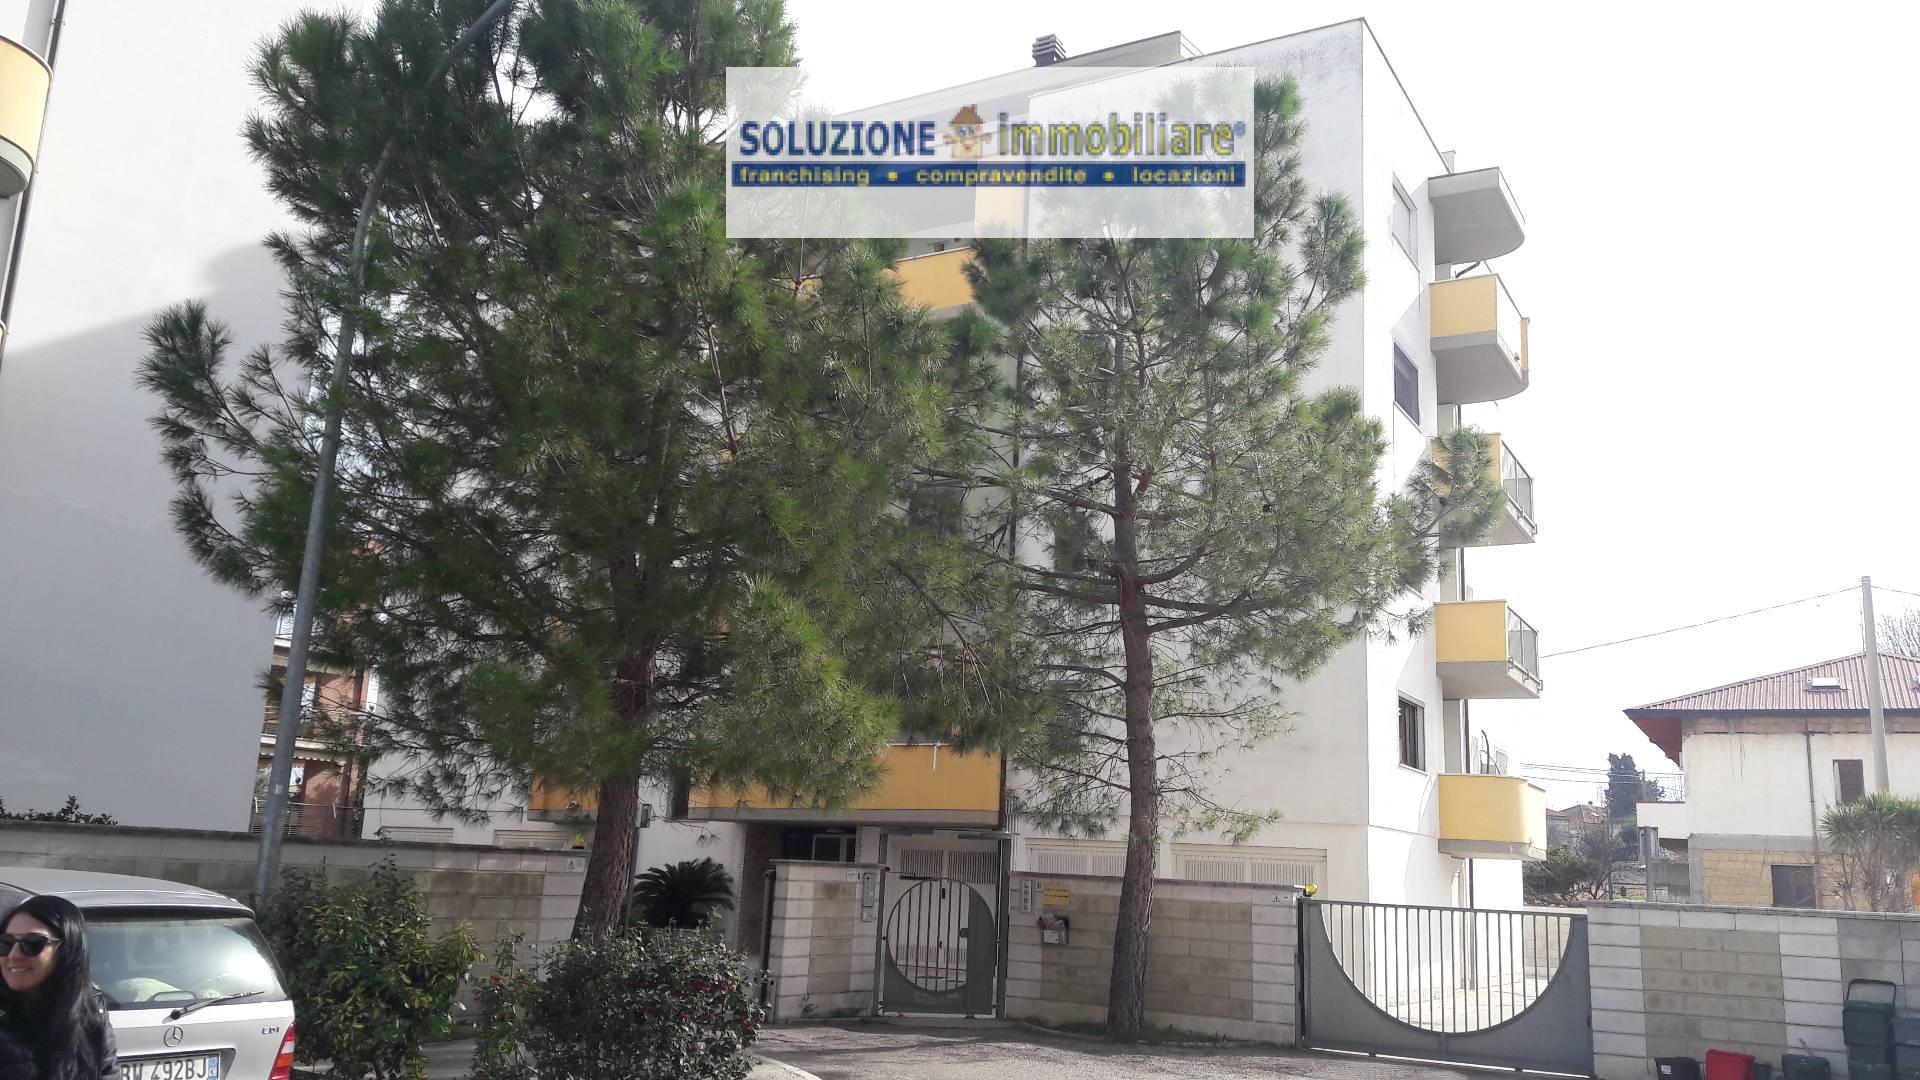 manoppello vendita quart: manoppello scalo soluzione-immobiliare-s.r.l.